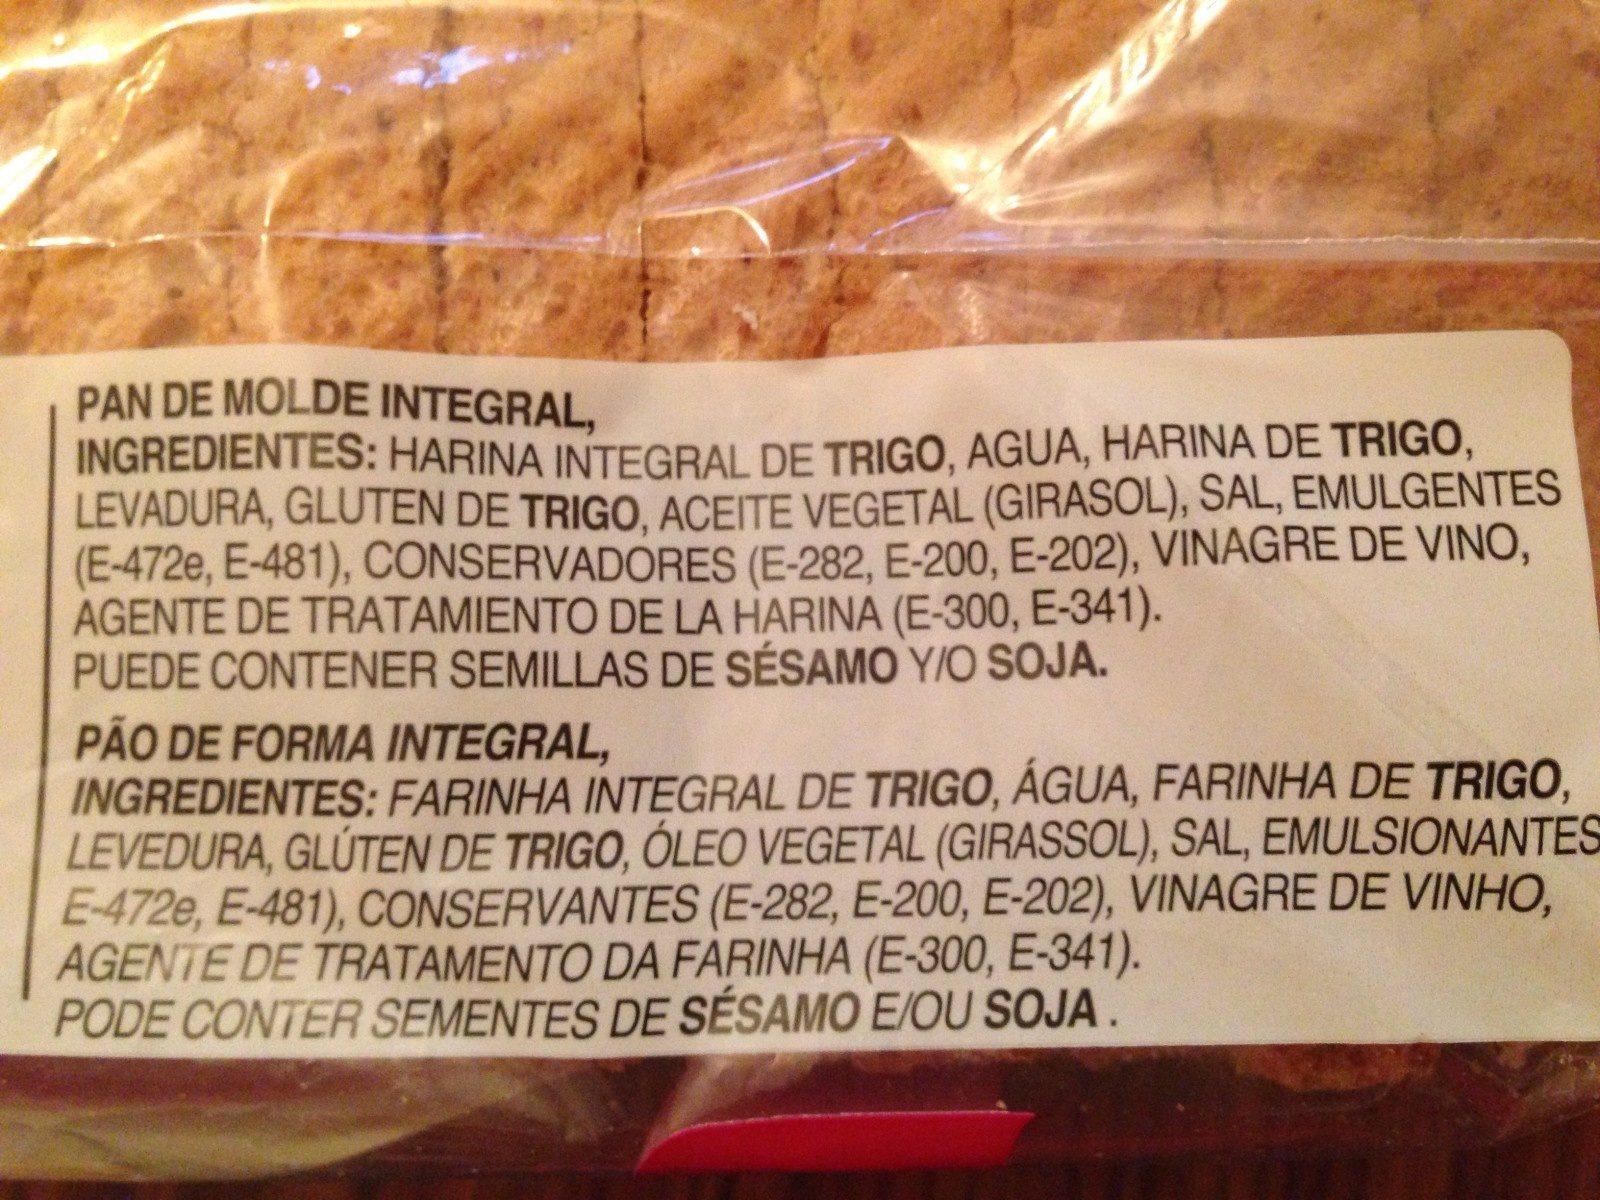 Pan de molde integral - Ingrédients